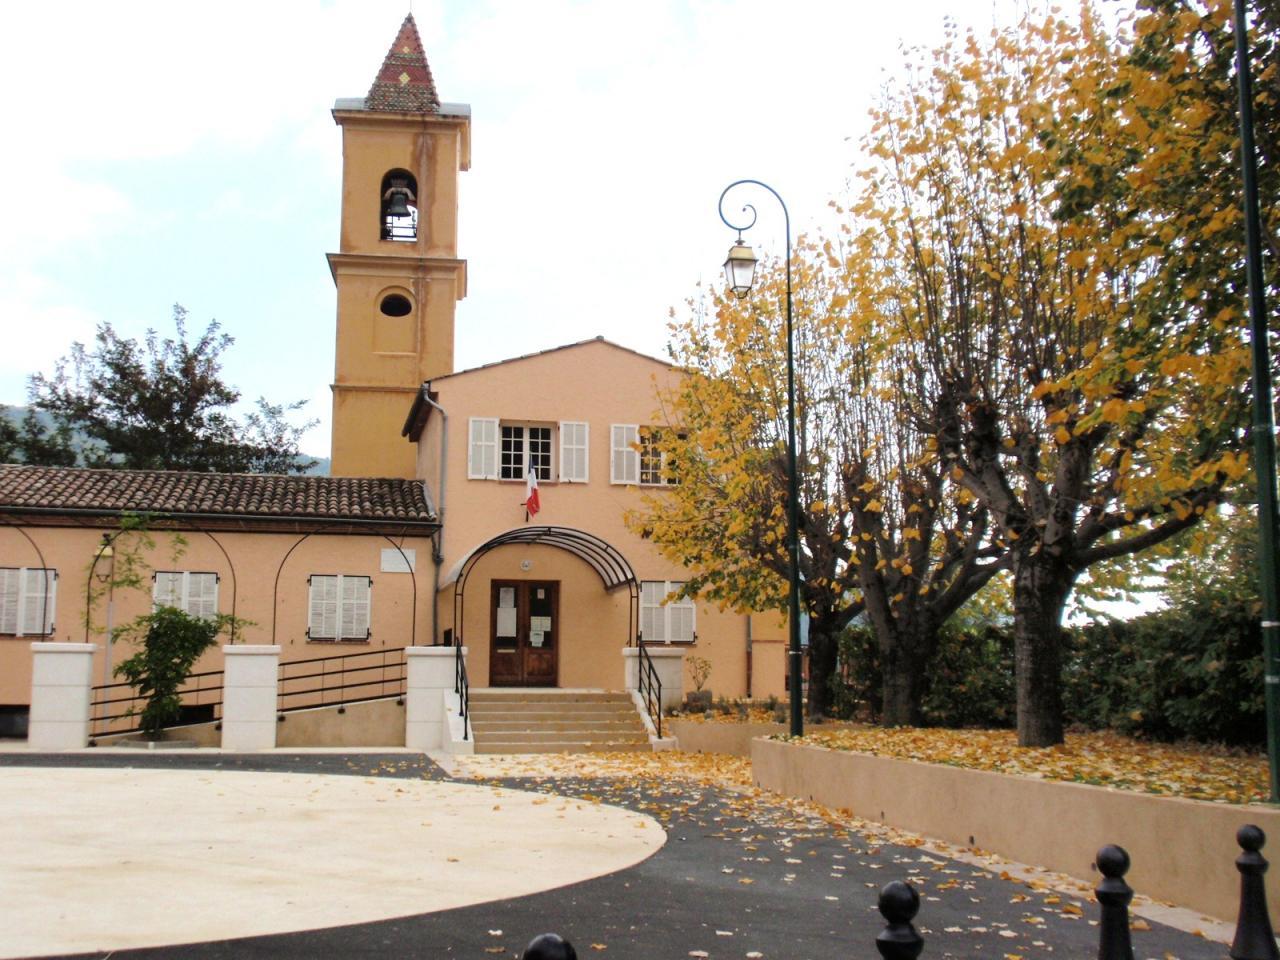 La Place du Centenaire